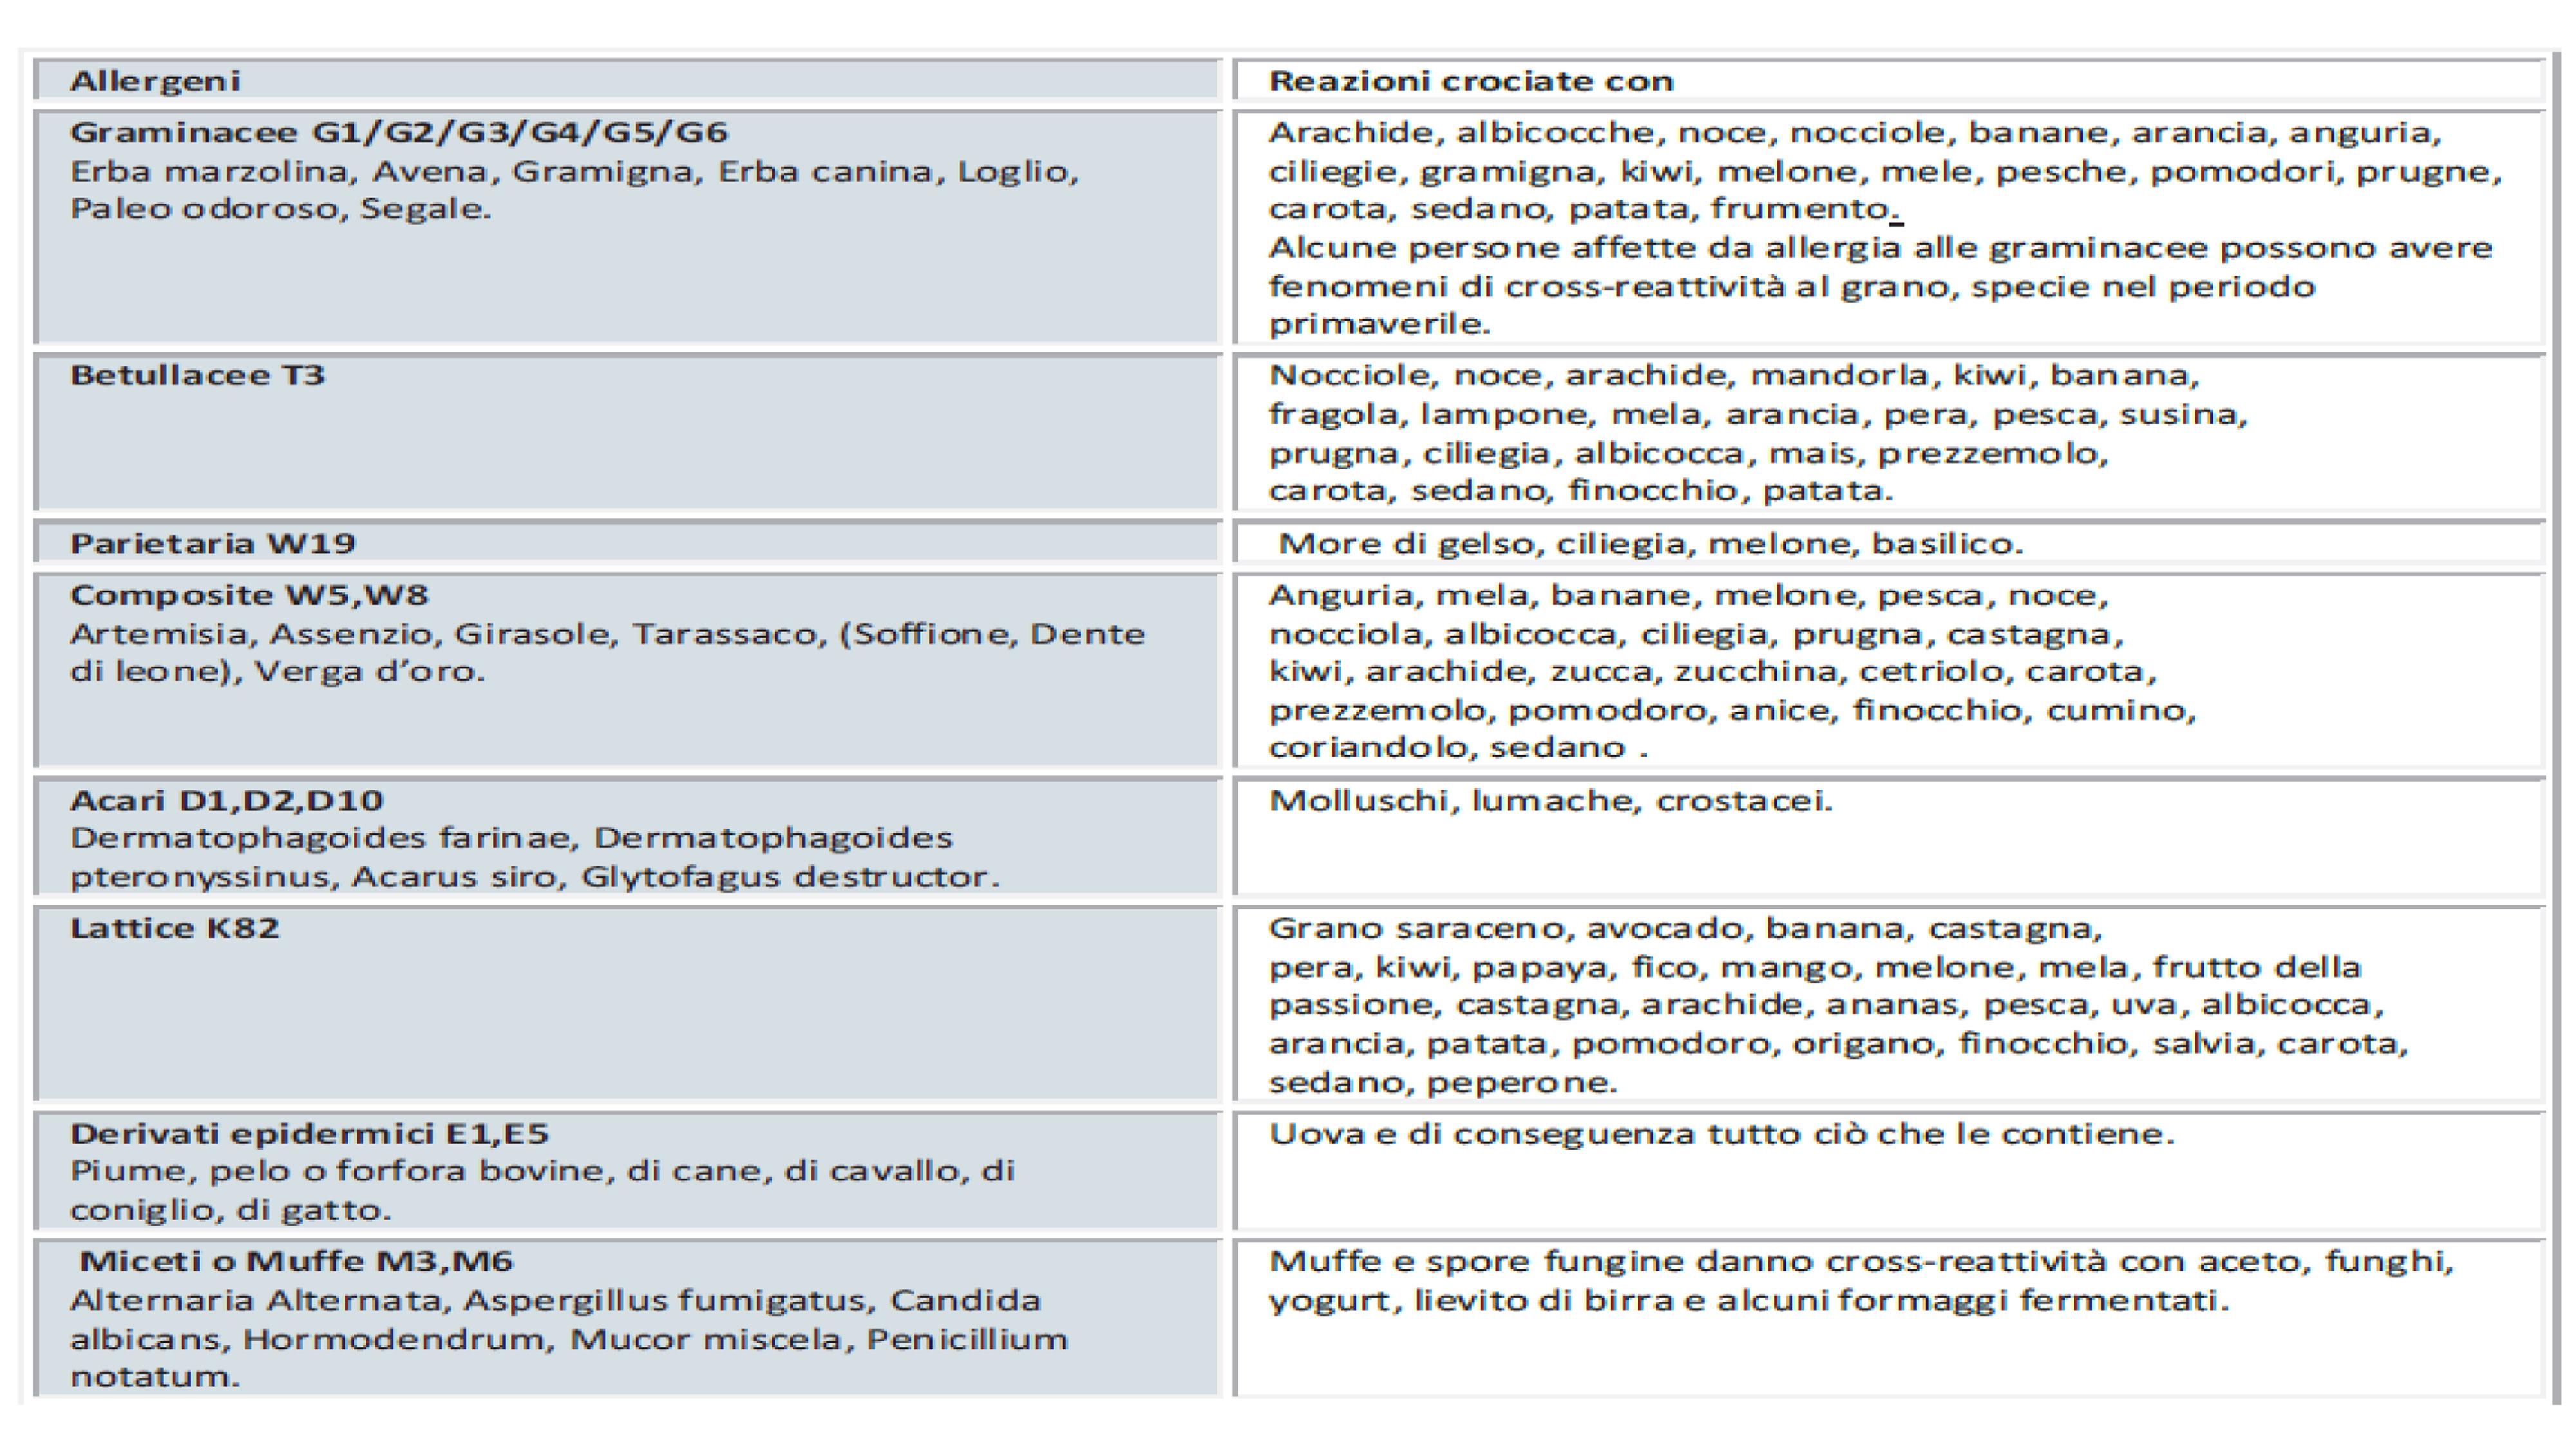 tabella reazioni crociate rispetto alle allergie respiratorie